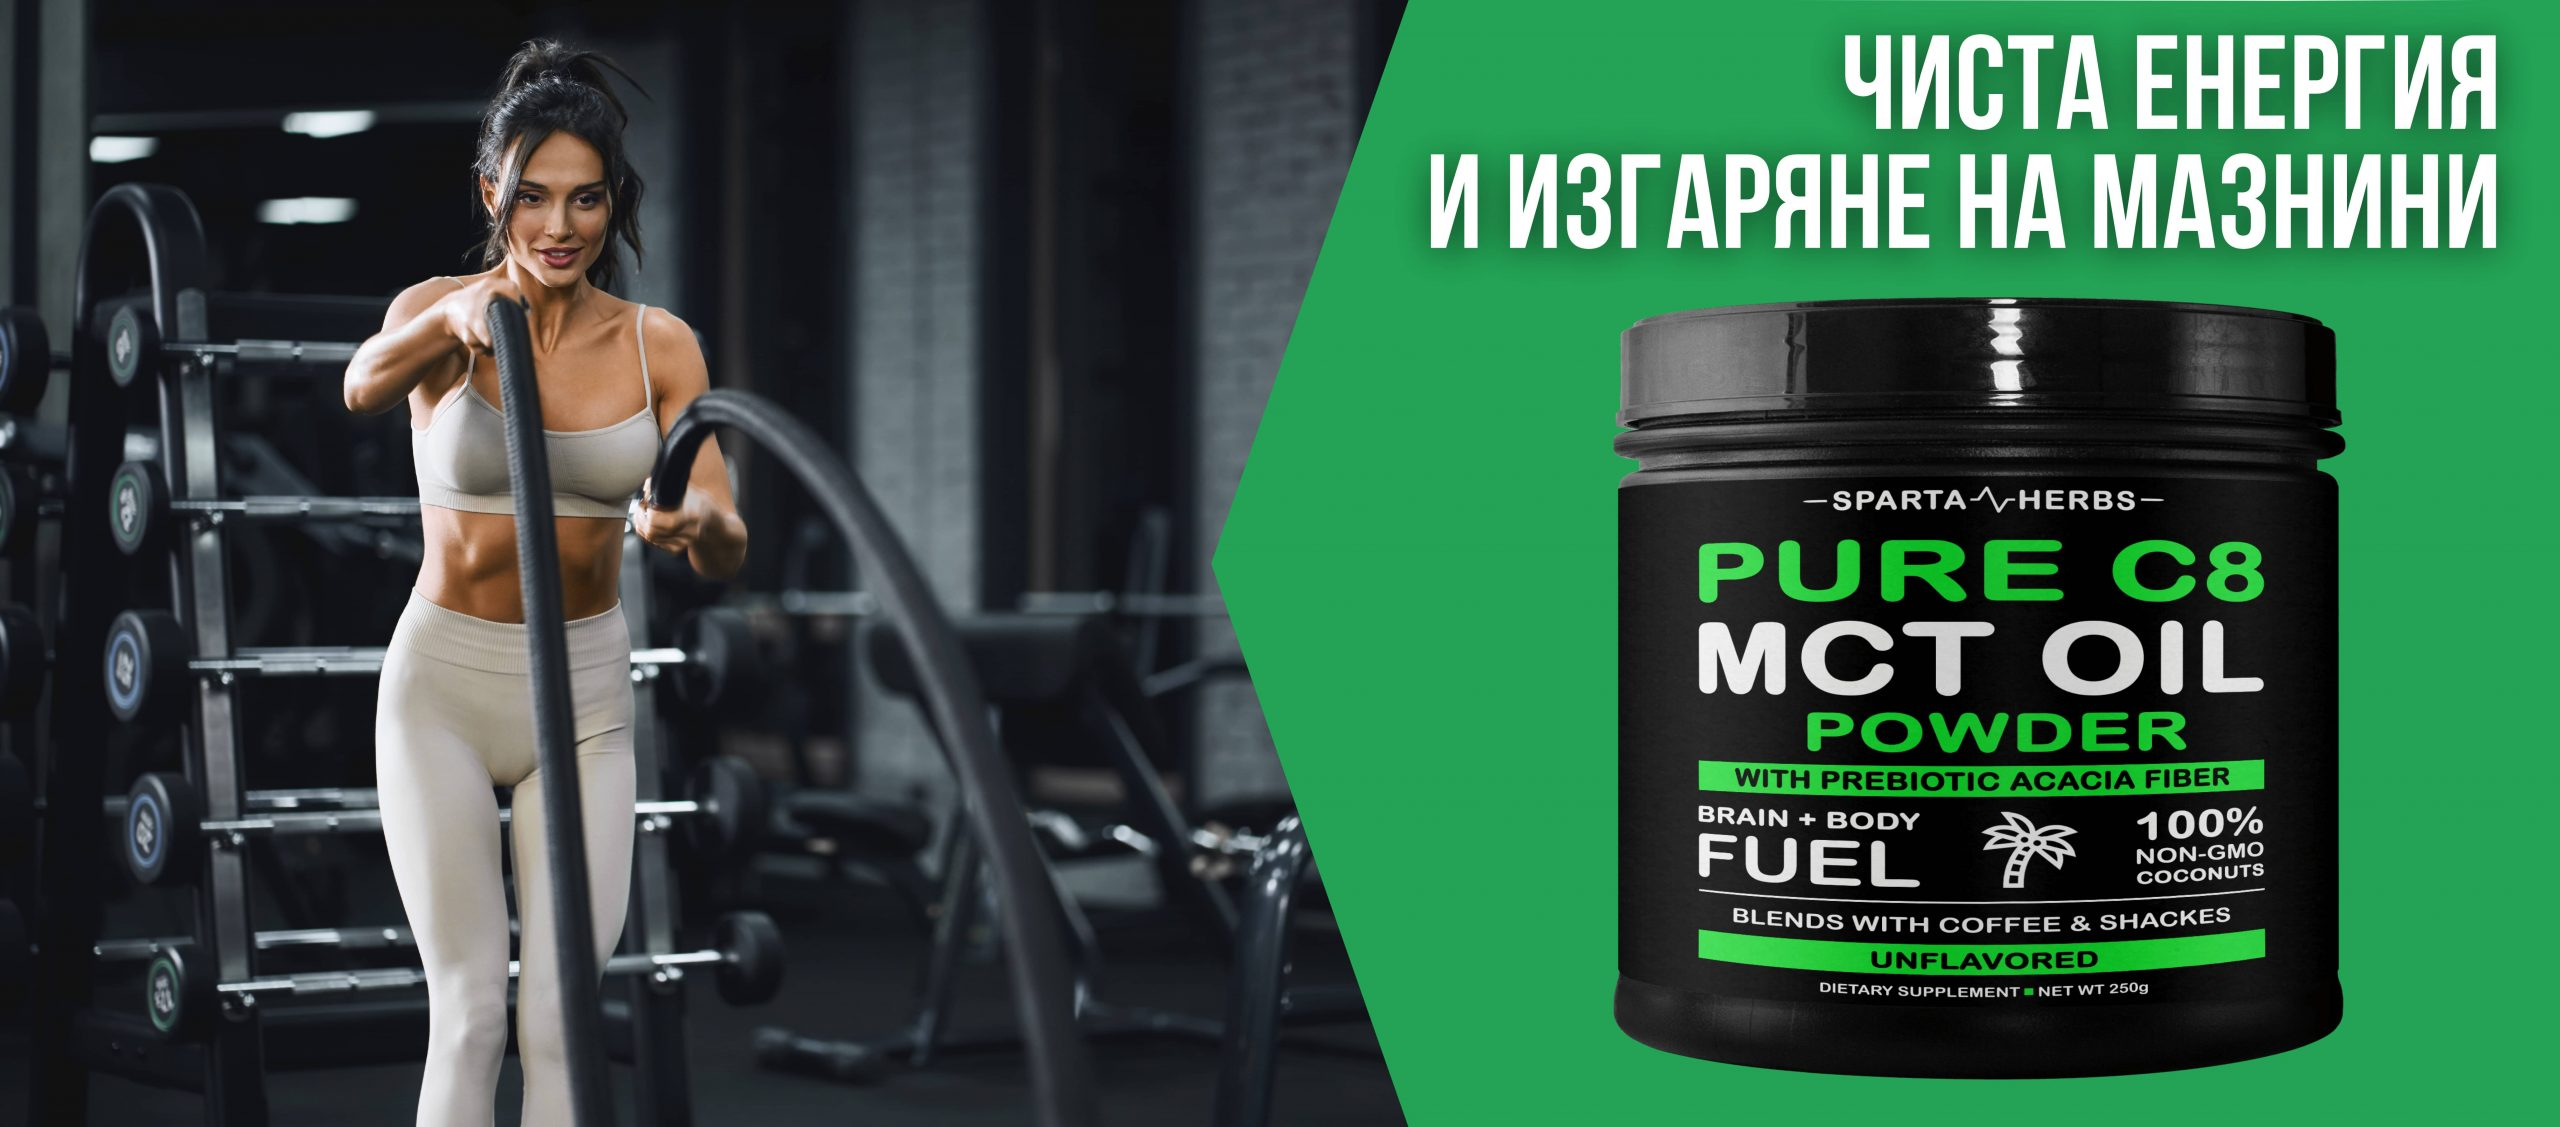 pure c8 mct oil powder sparta herbs